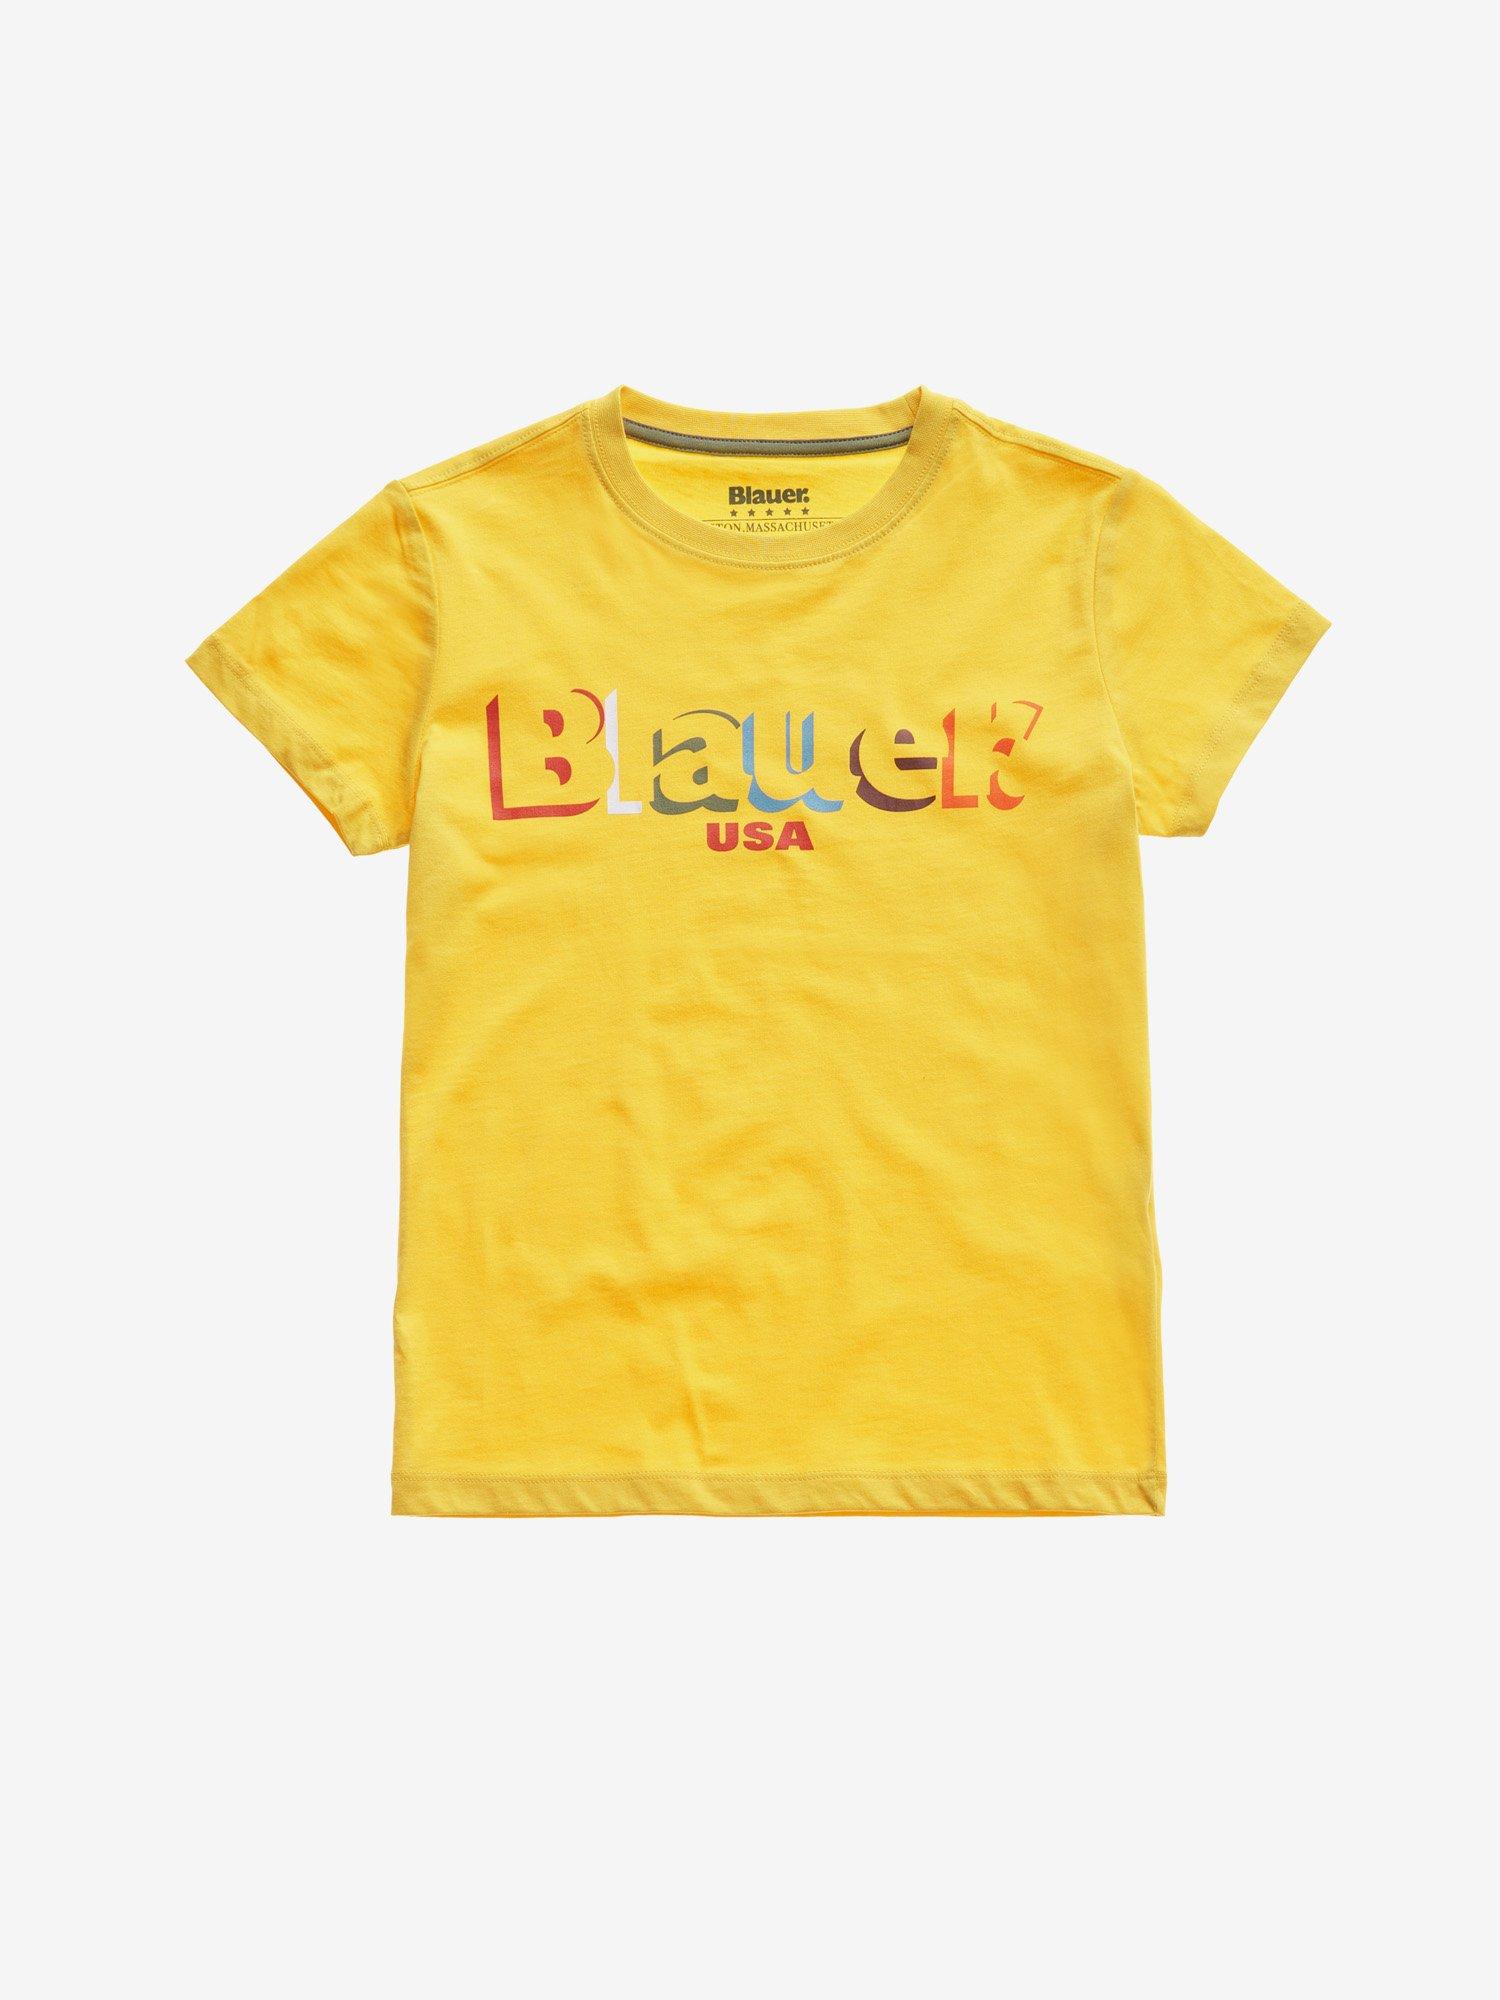 JUNIOR COLOURFUL BLAUER T-SHIRT - Blauer